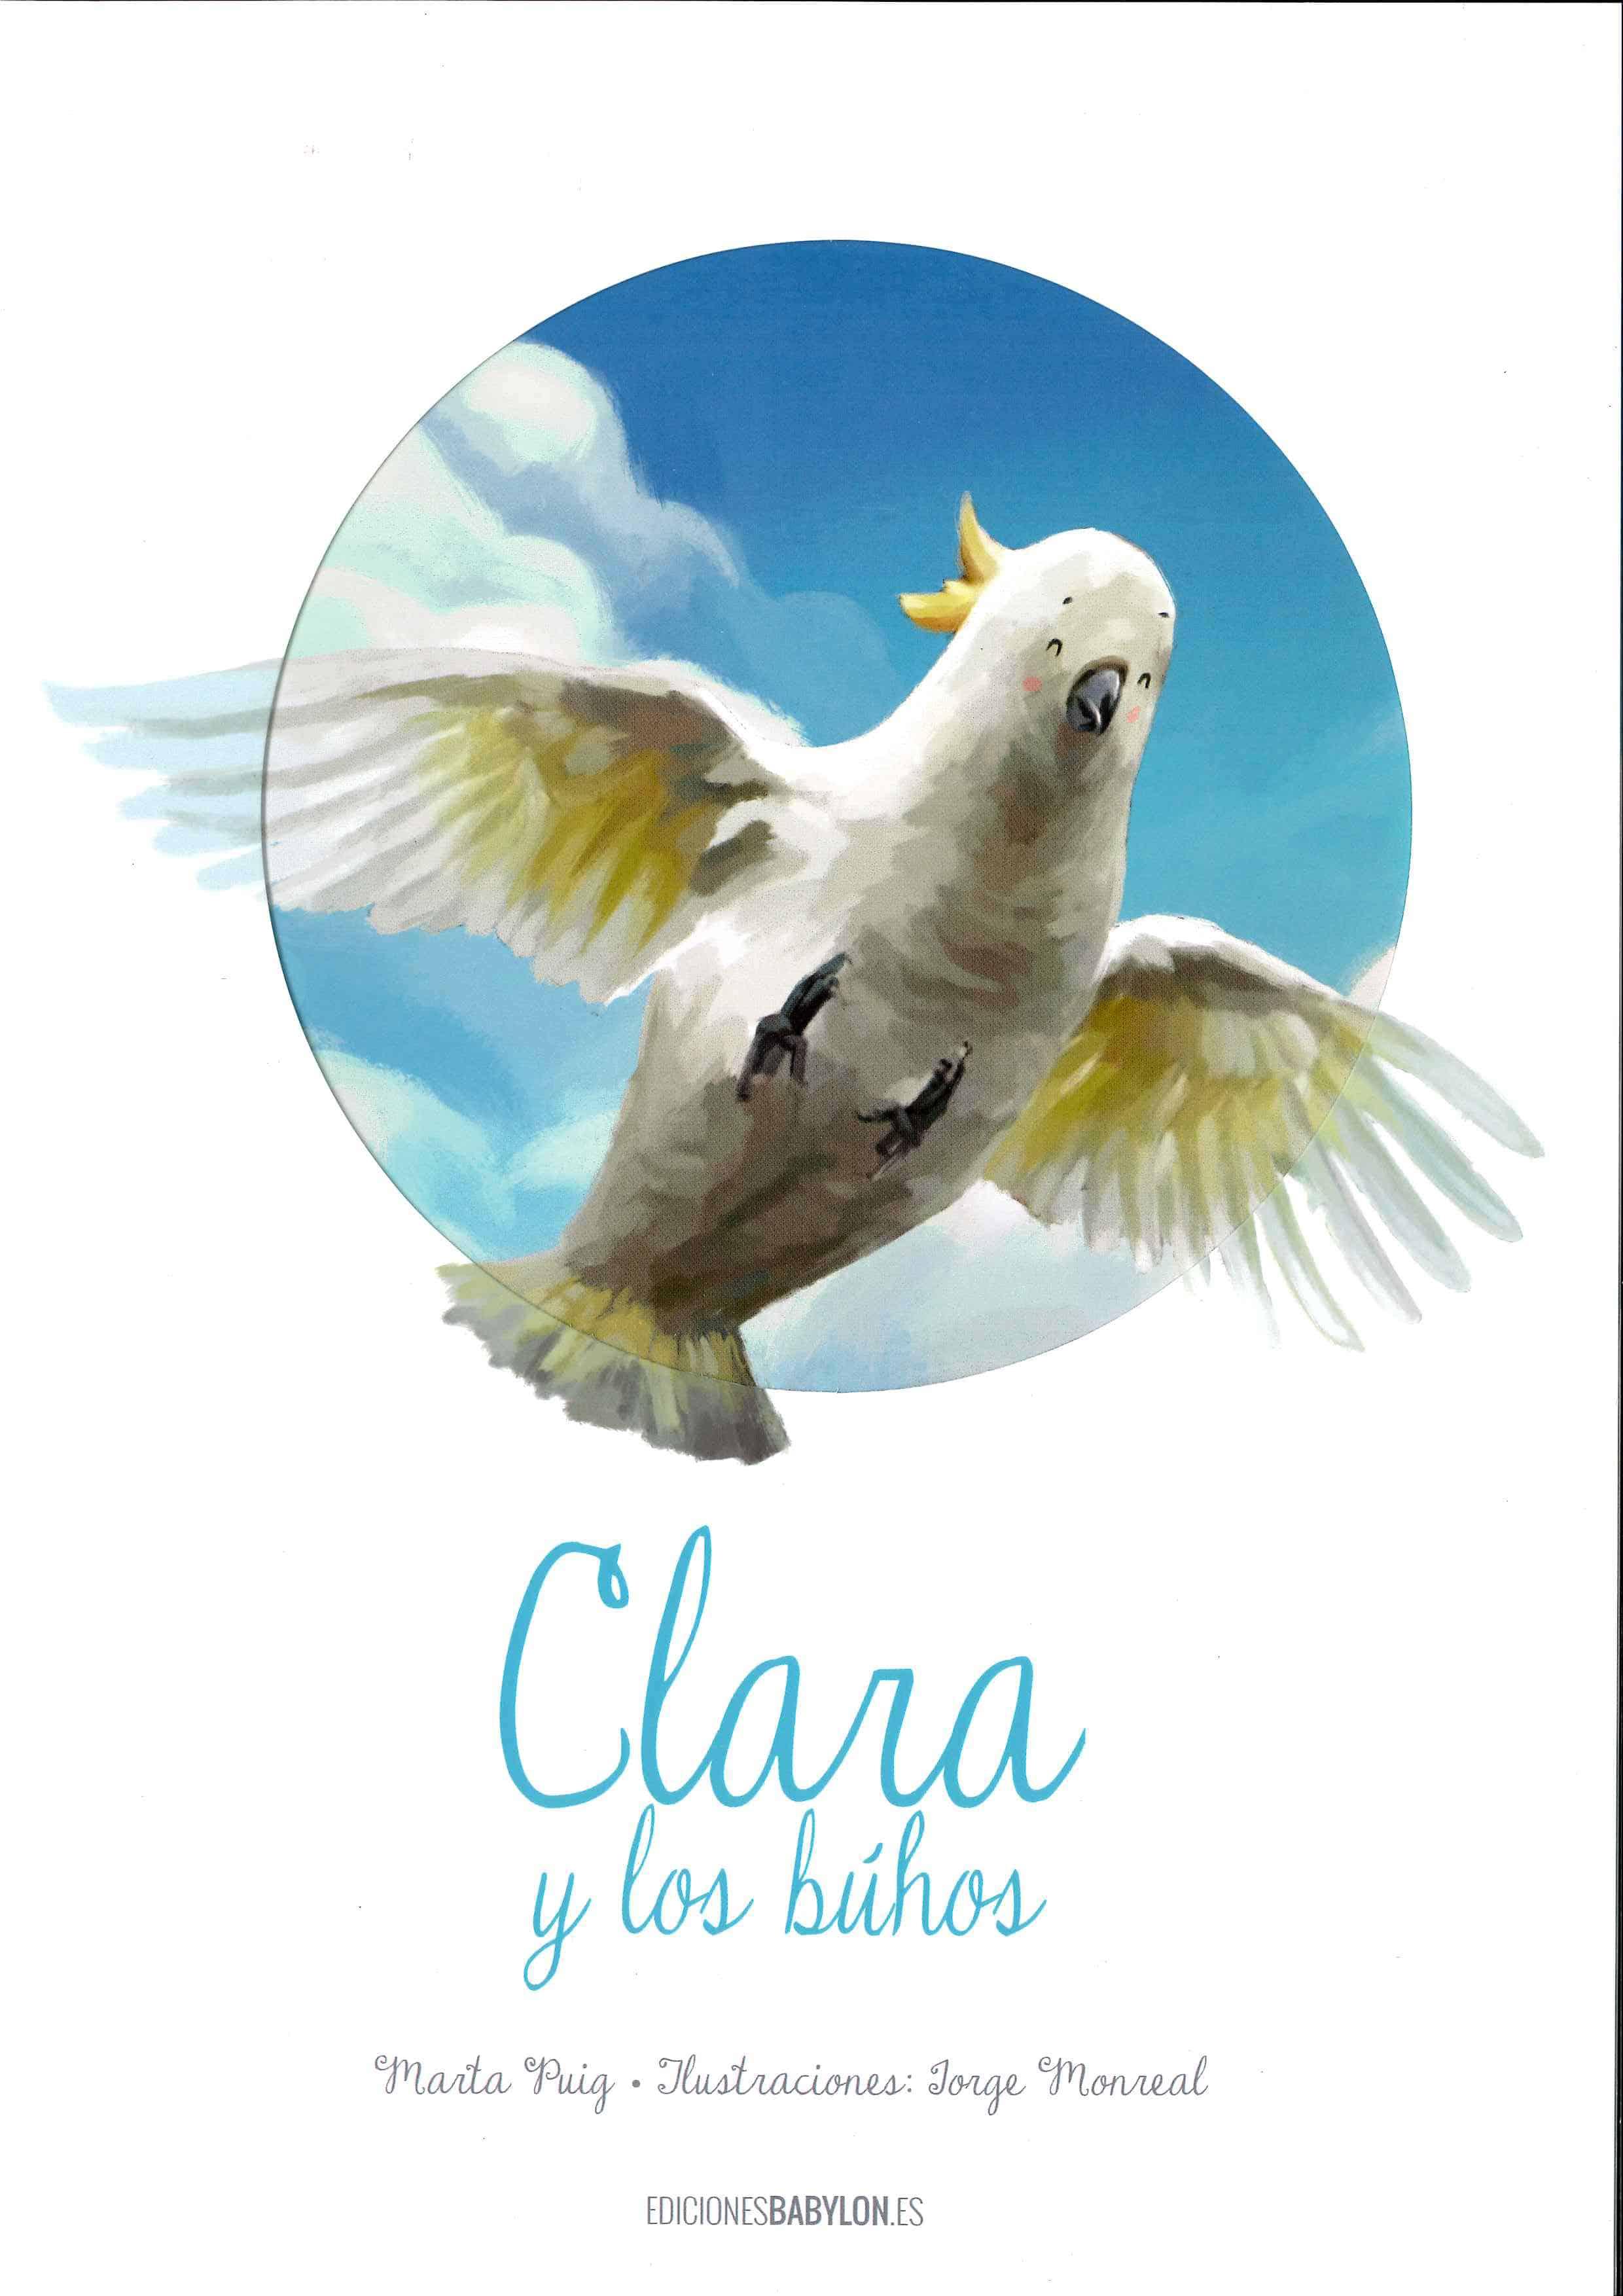 CLARA Y LOS BUHOS